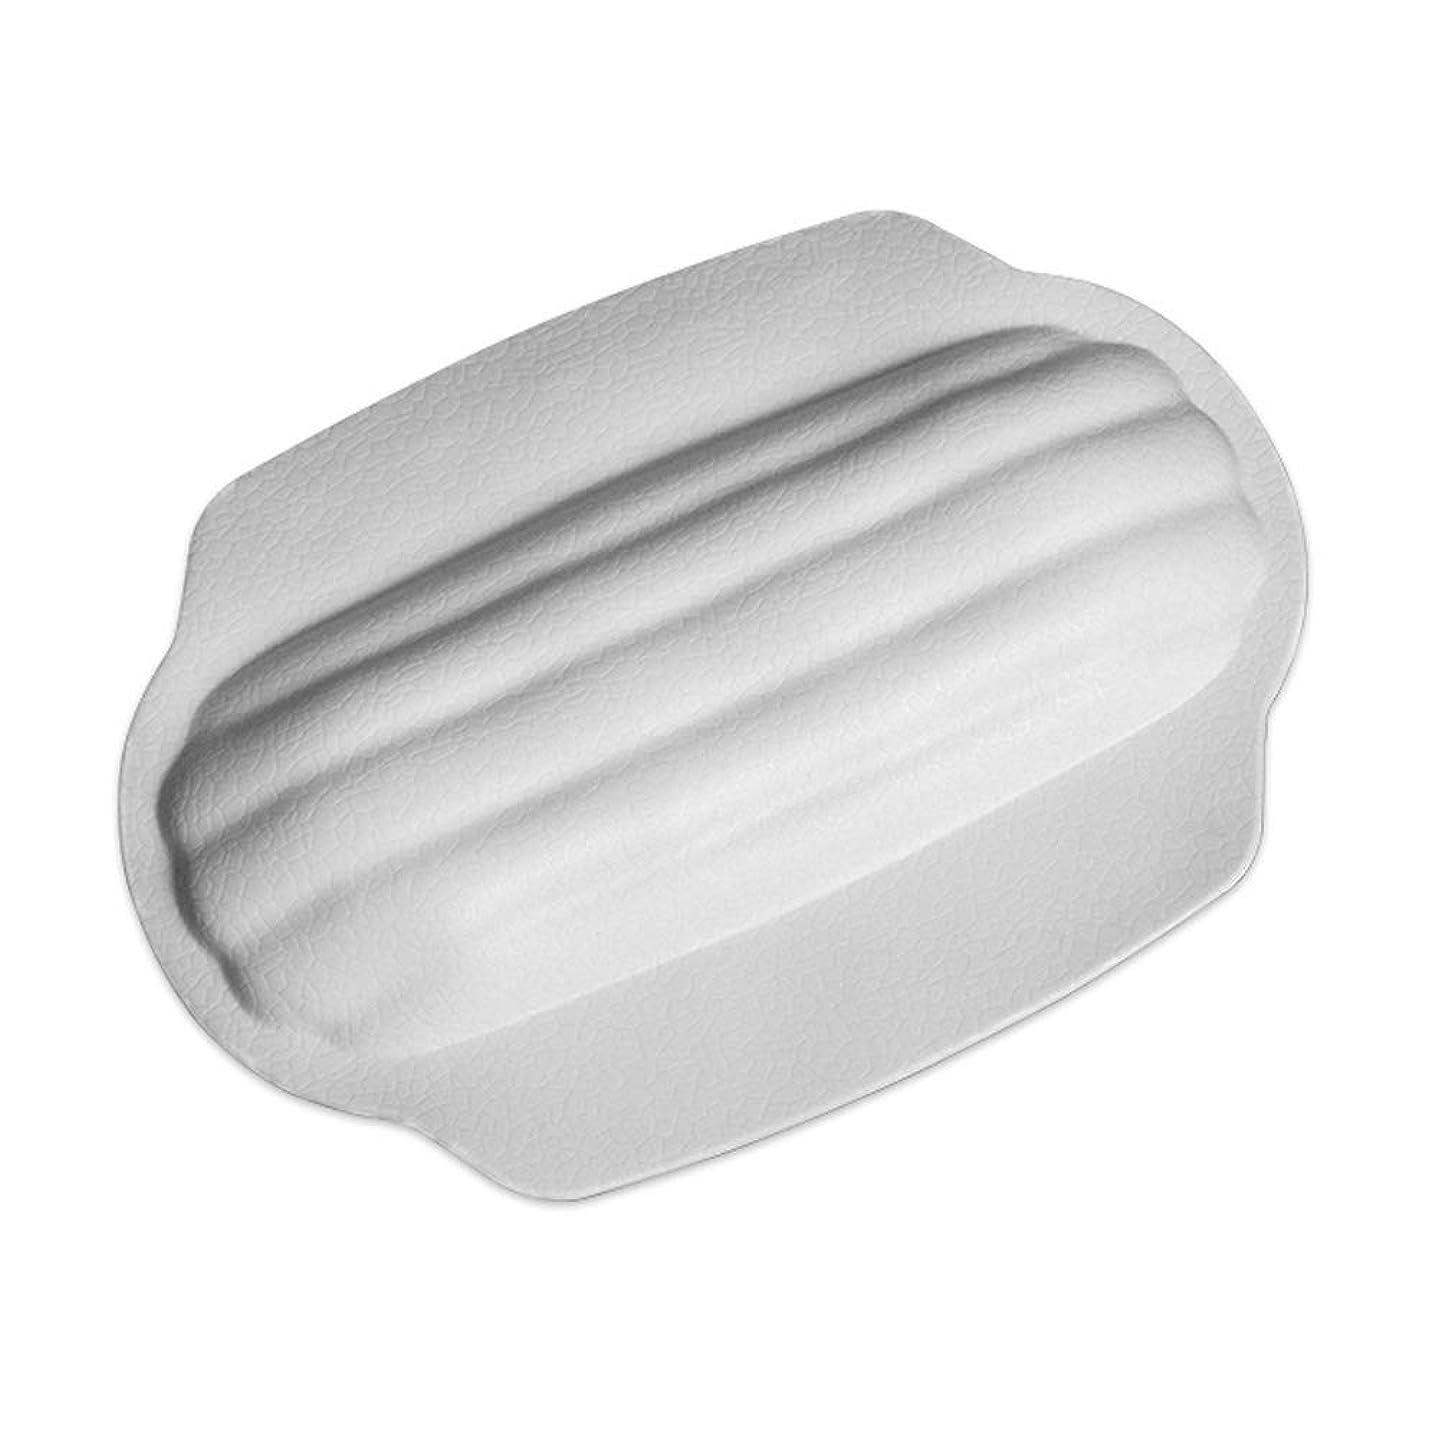 崇拝します診療所自発サクションカップ付き防水滑り止めスパ枕厚めユニバーサルバスタブ枕バスタブと抗菌性